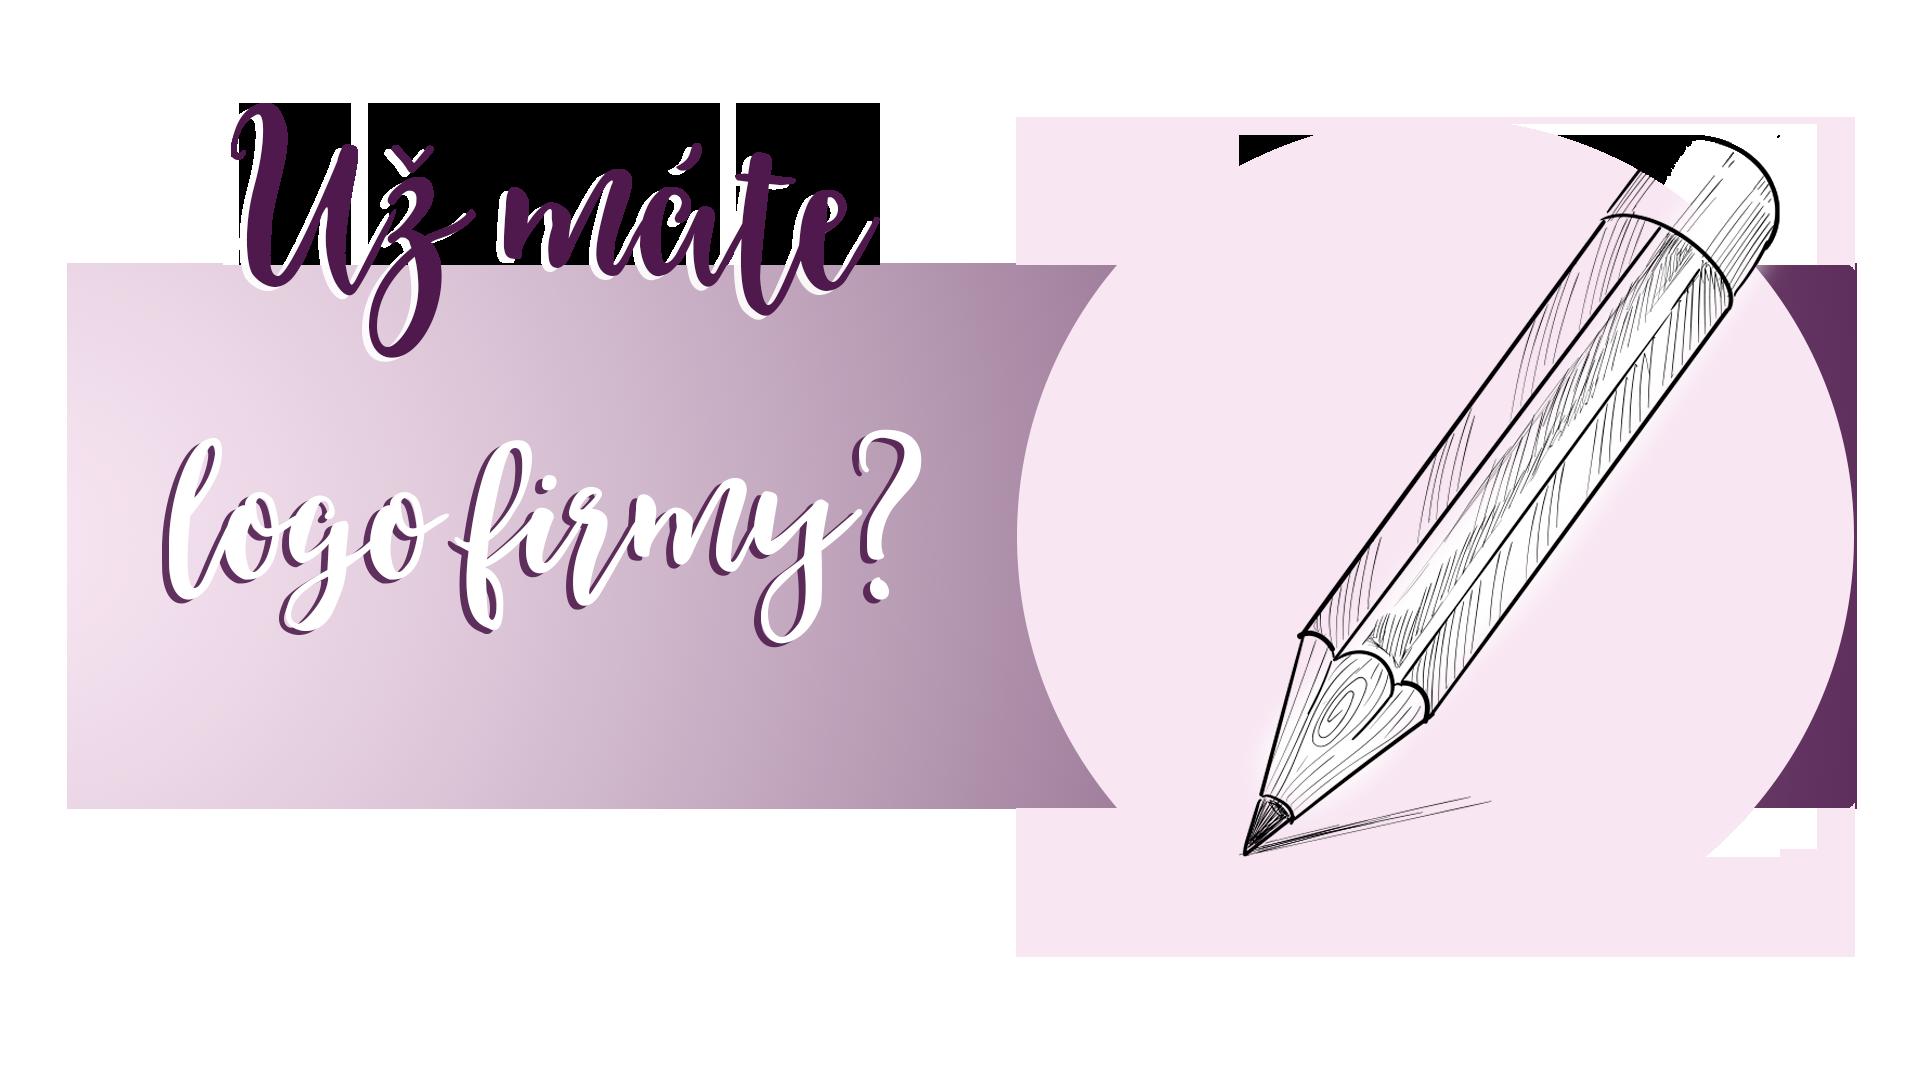 Unuačky blogují o podnikání: Už máte logo firmy?